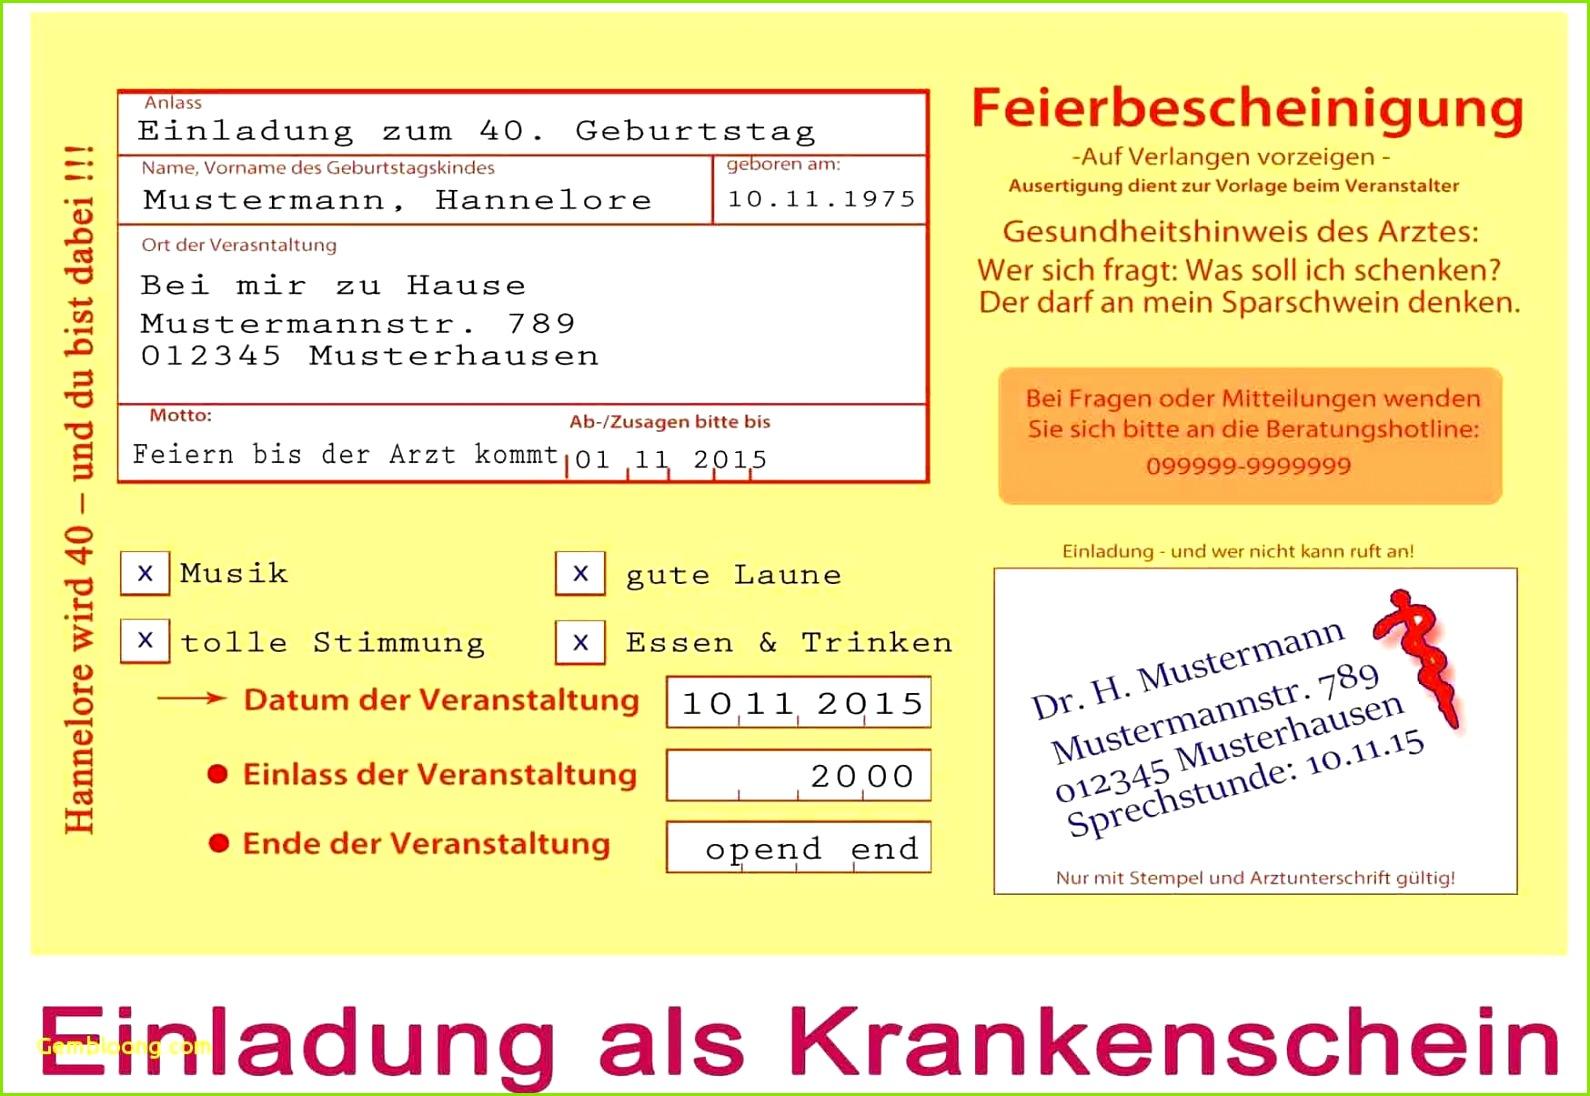 Schweizerfranken Einladung Konfirmation Vorlage Herunterladbare Einladungskarten Vorlagen Geburtstag Vorlagen Einladungen 0d